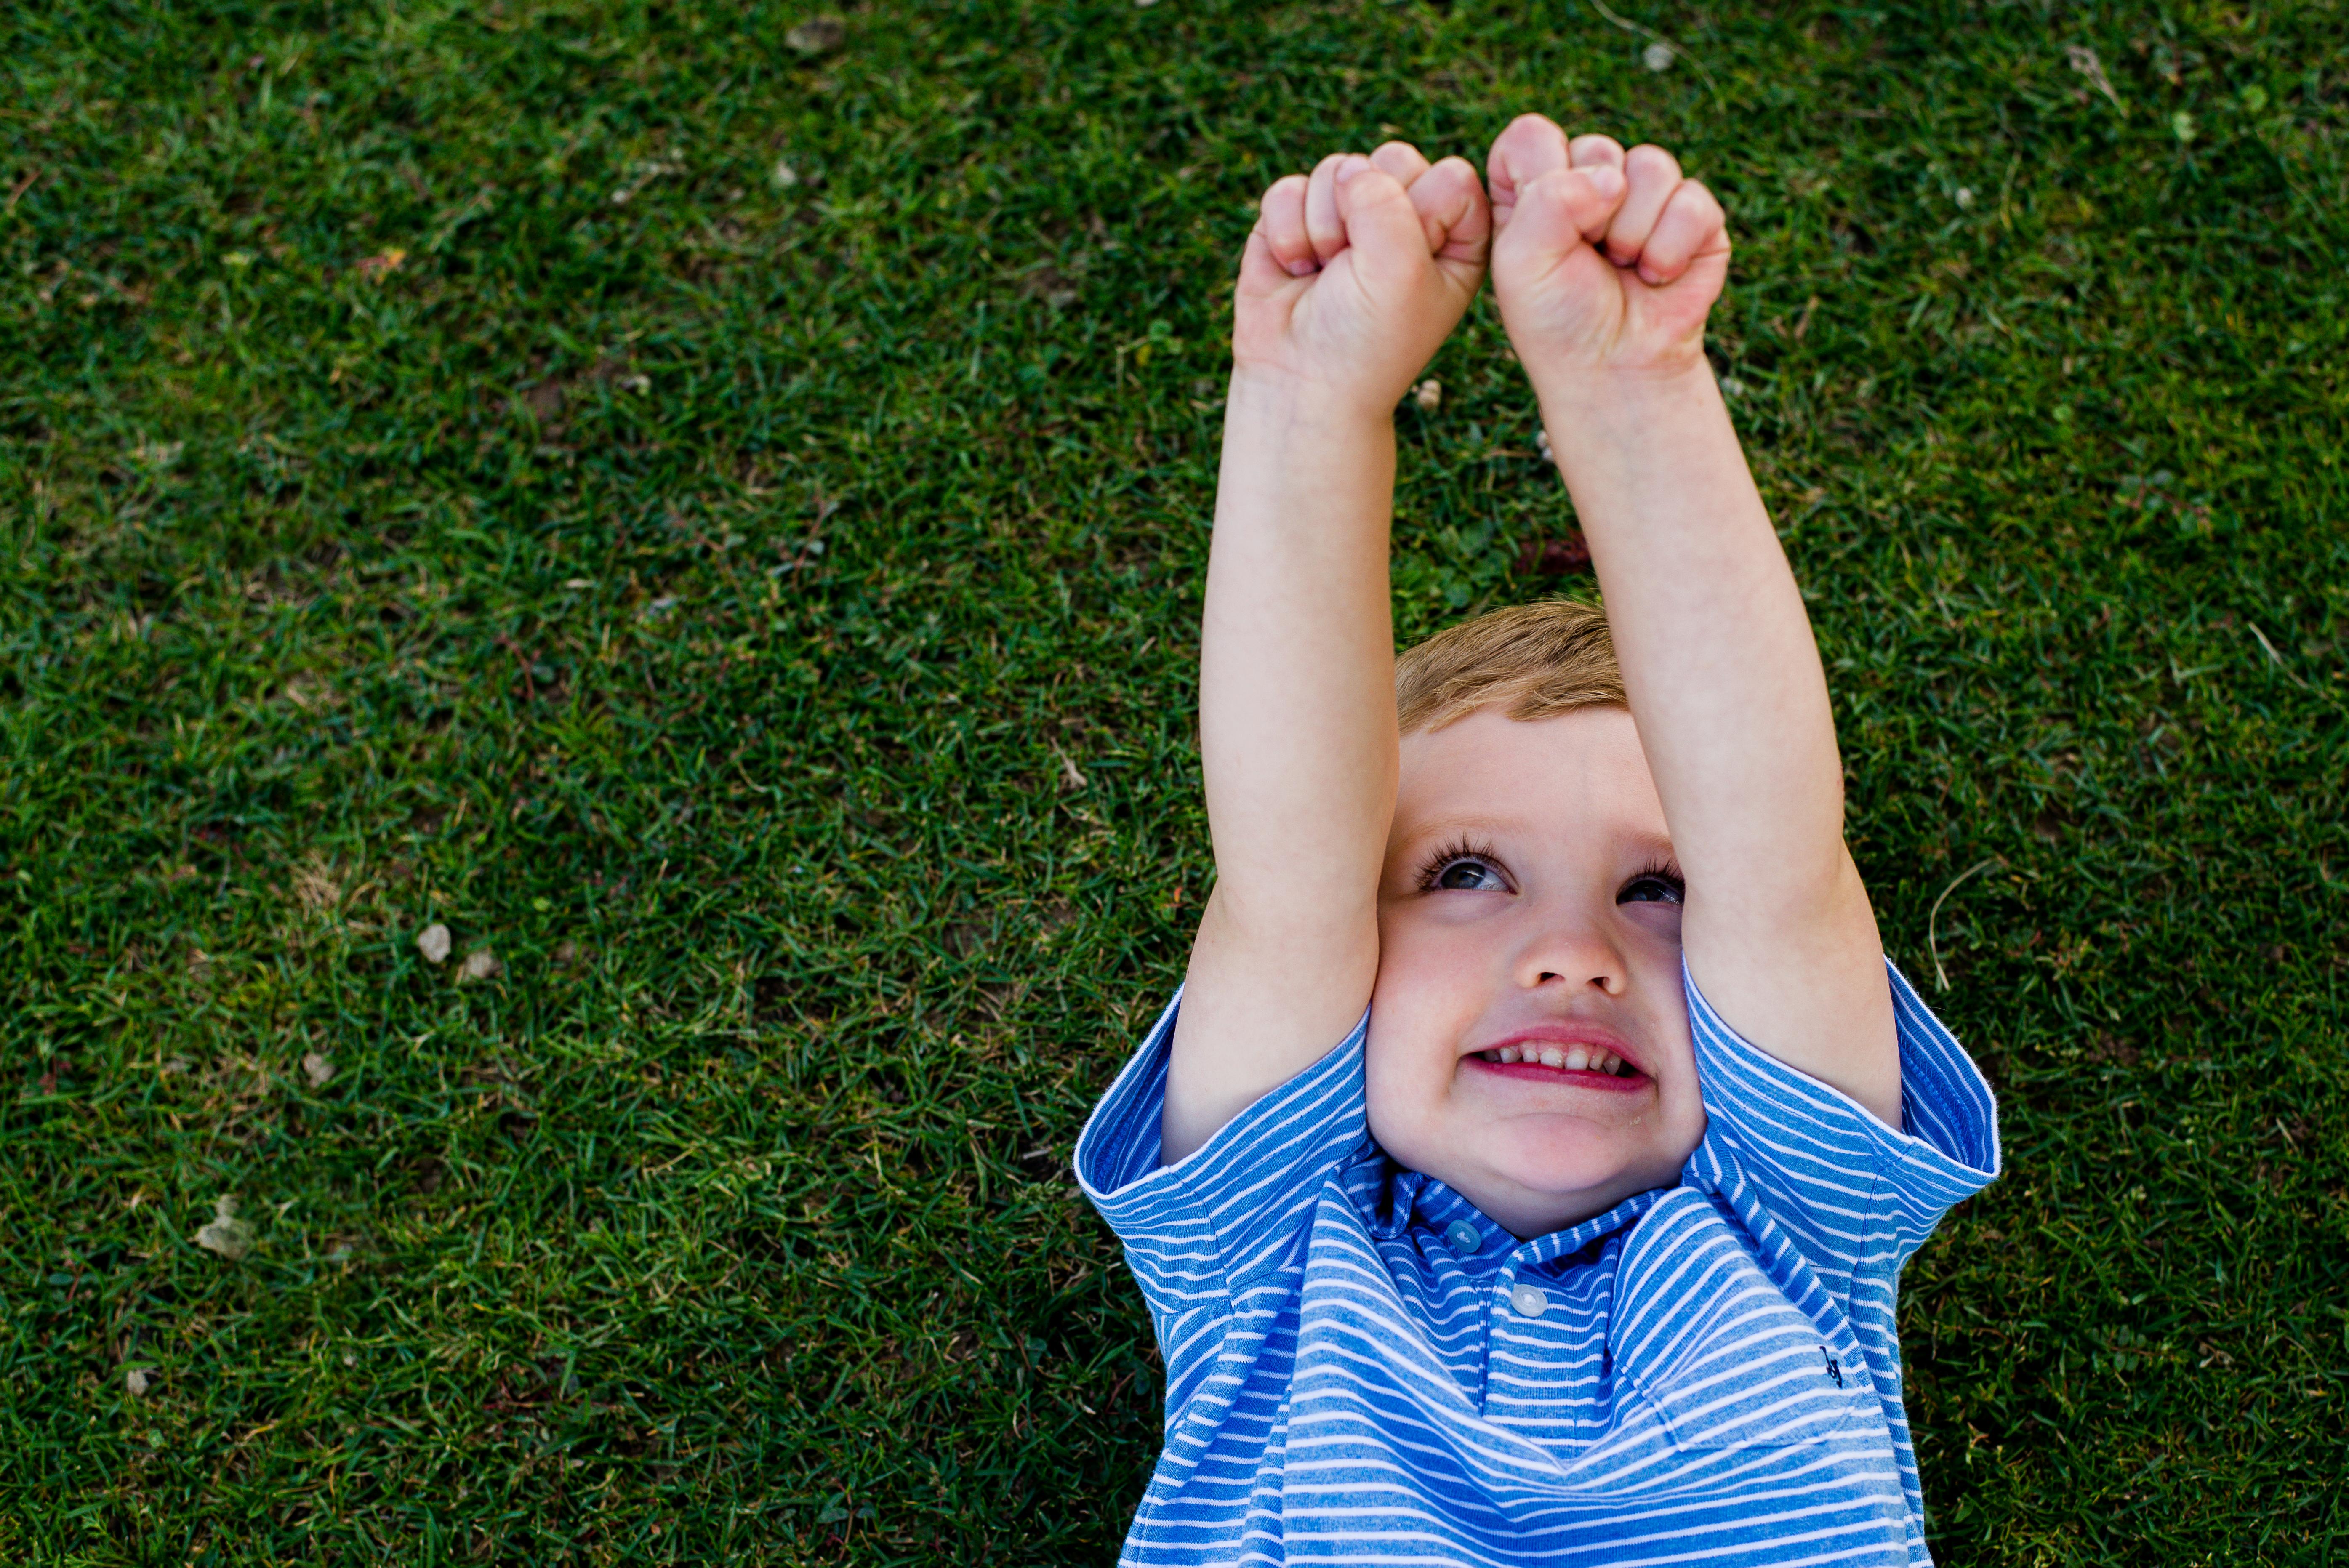 Little boy raising fists on grass